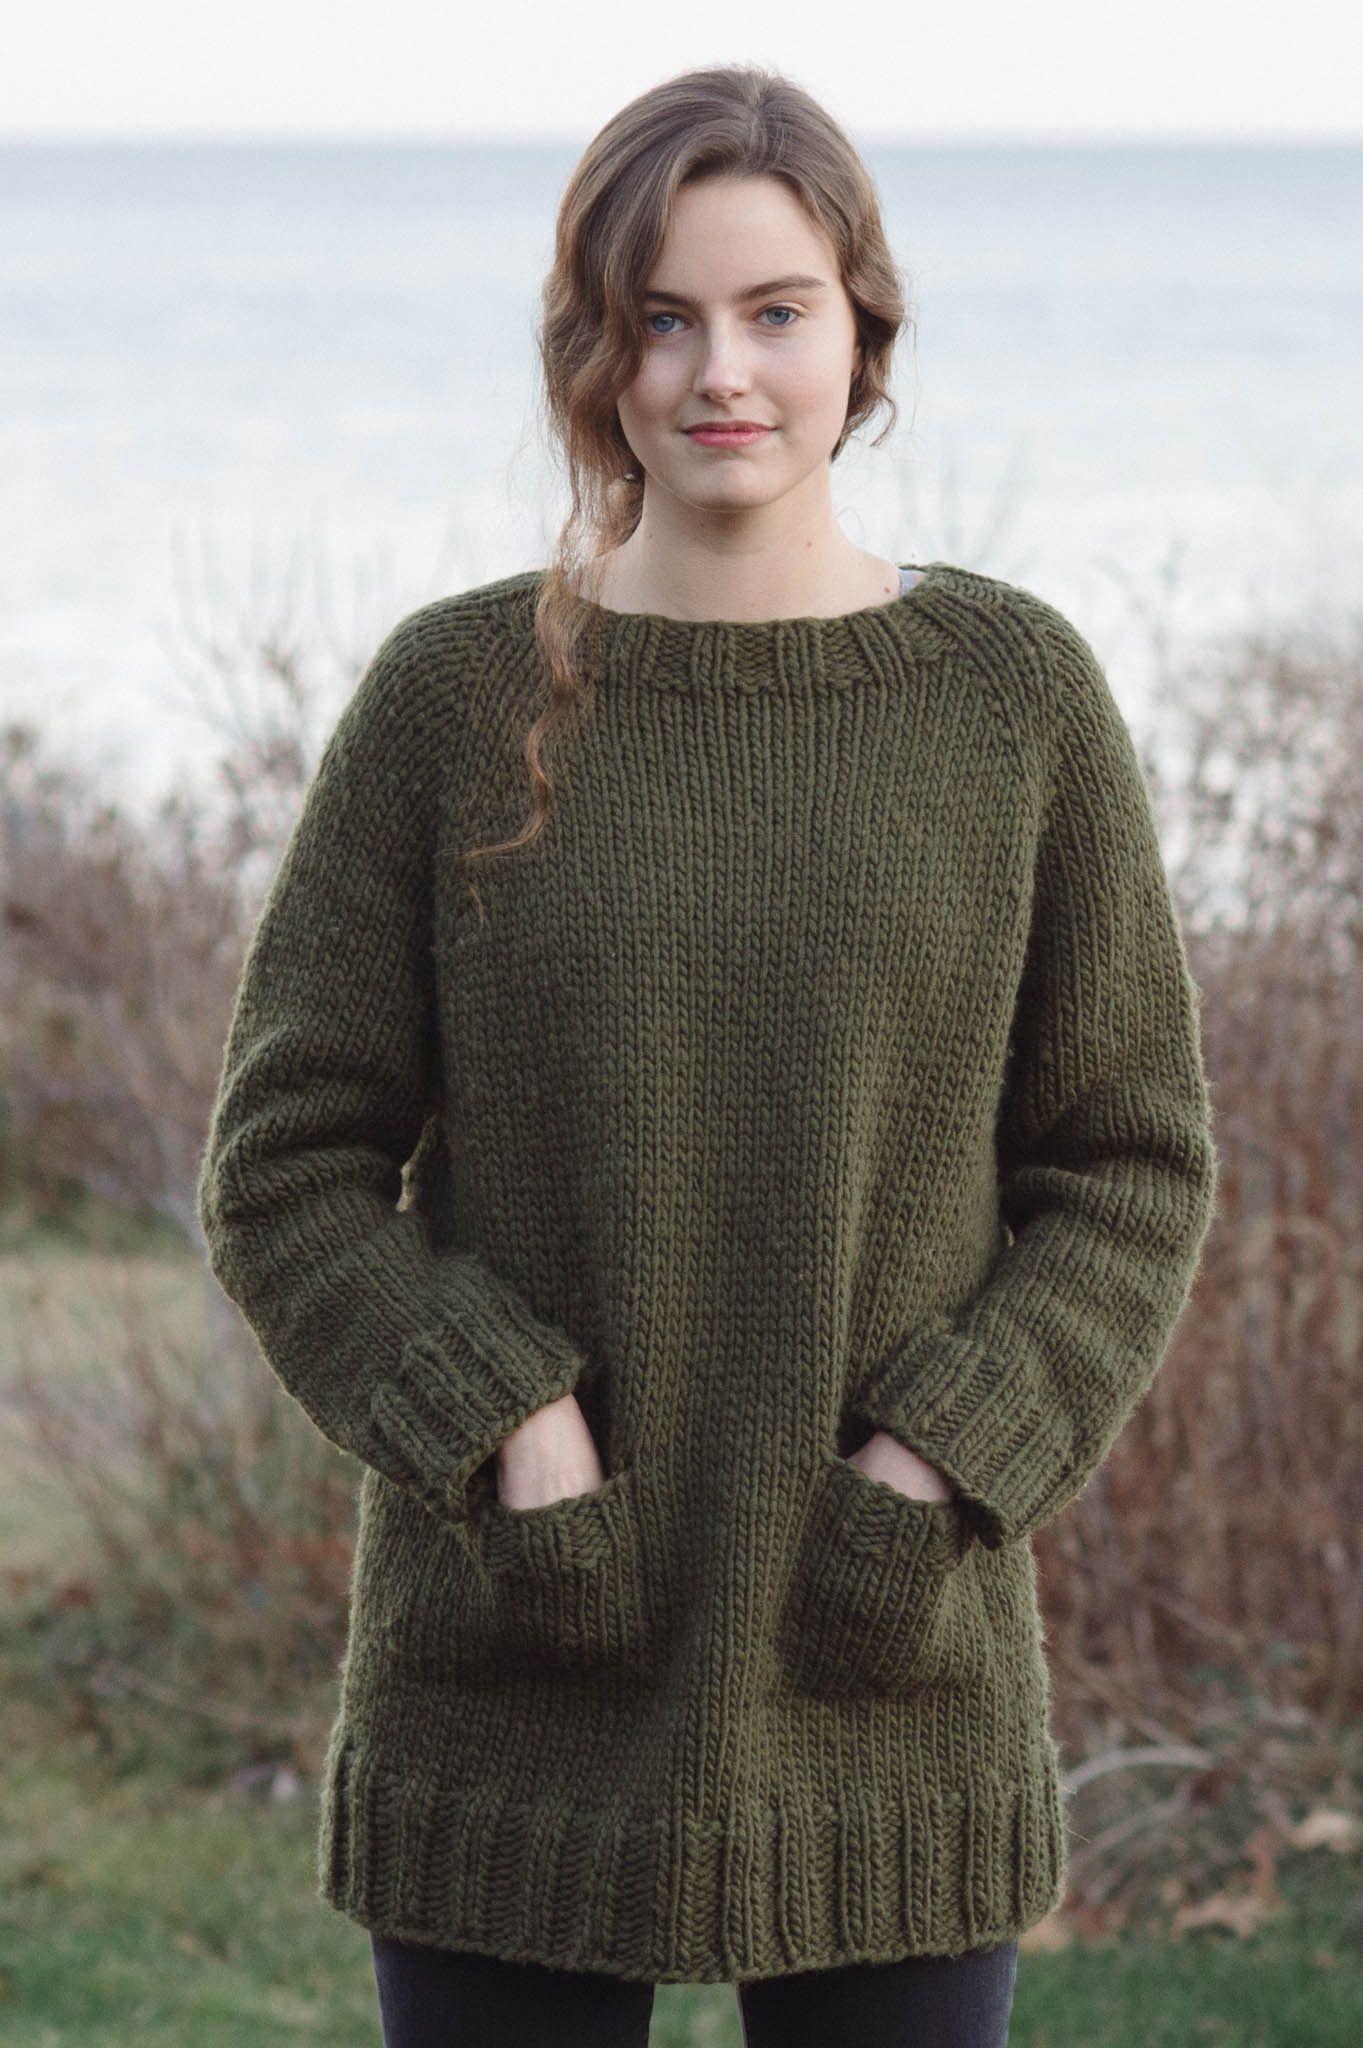 Great Falls Sweater Knitting Patterns Sweater Pattern Knitting Patterns [ 2048 x 1363 Pixel ]